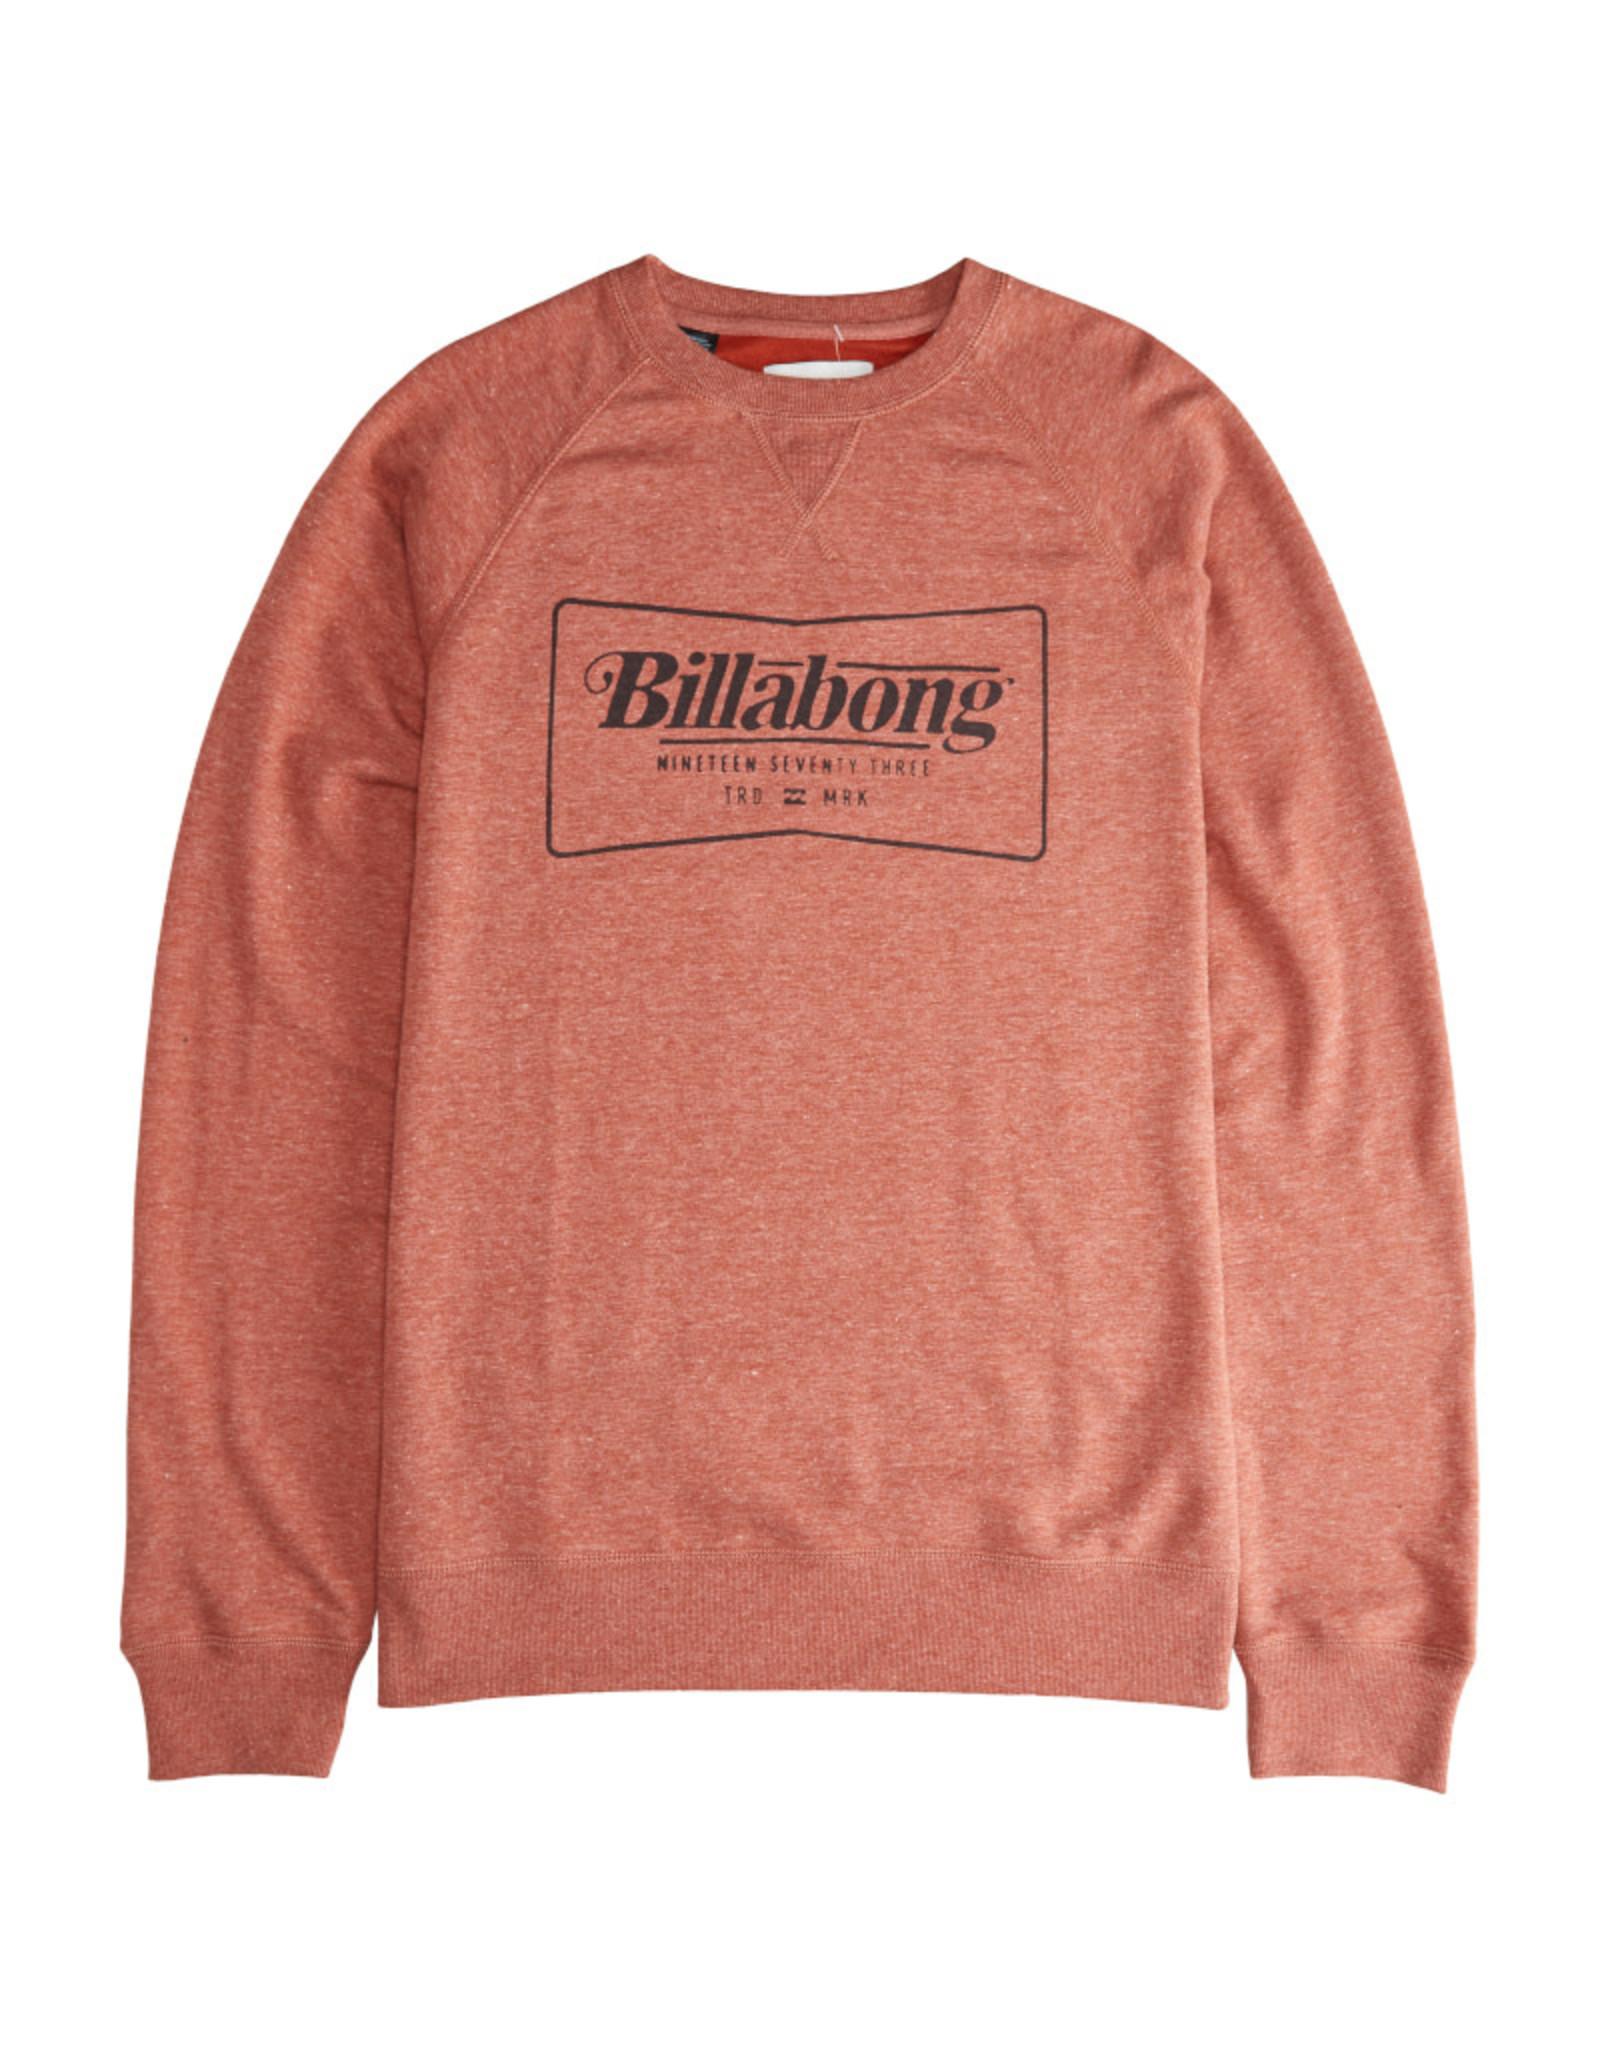 Billabong Billabong TRD Mark Crew